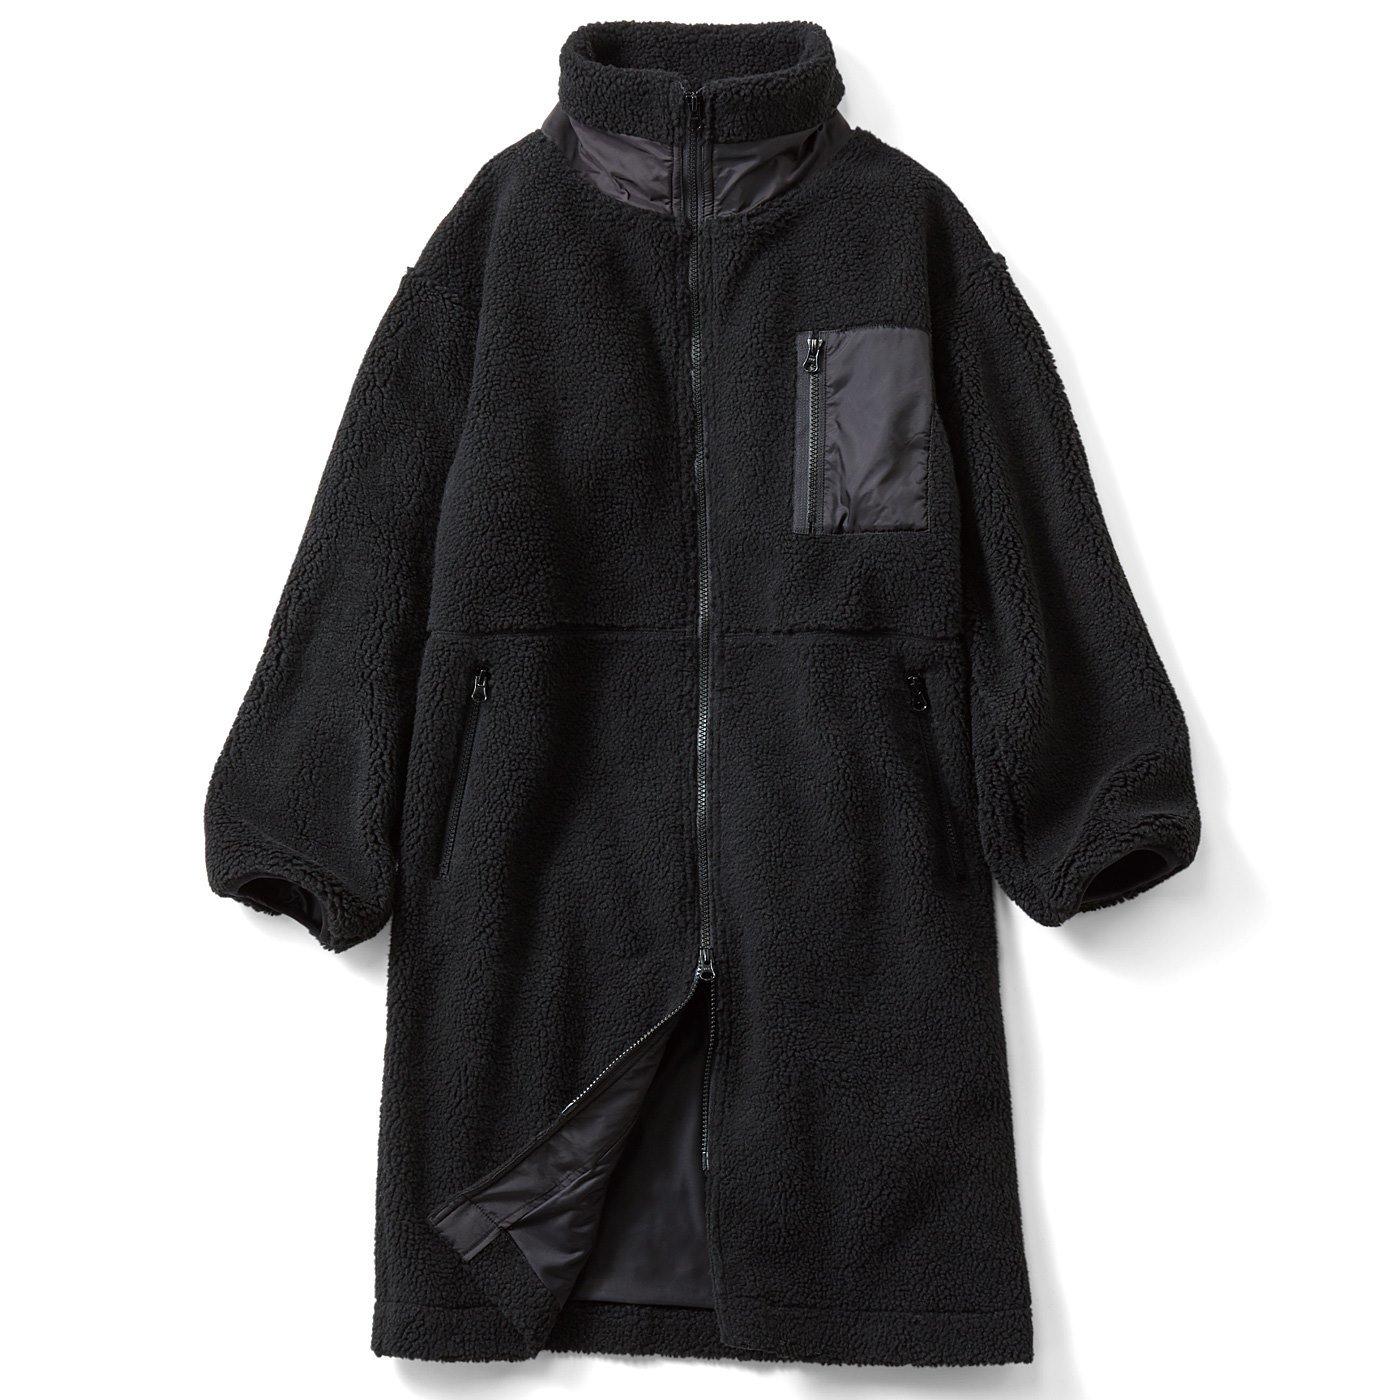 IEDIT カジュアルを楽しむ ボア素材のロングコート〈ブラック〉